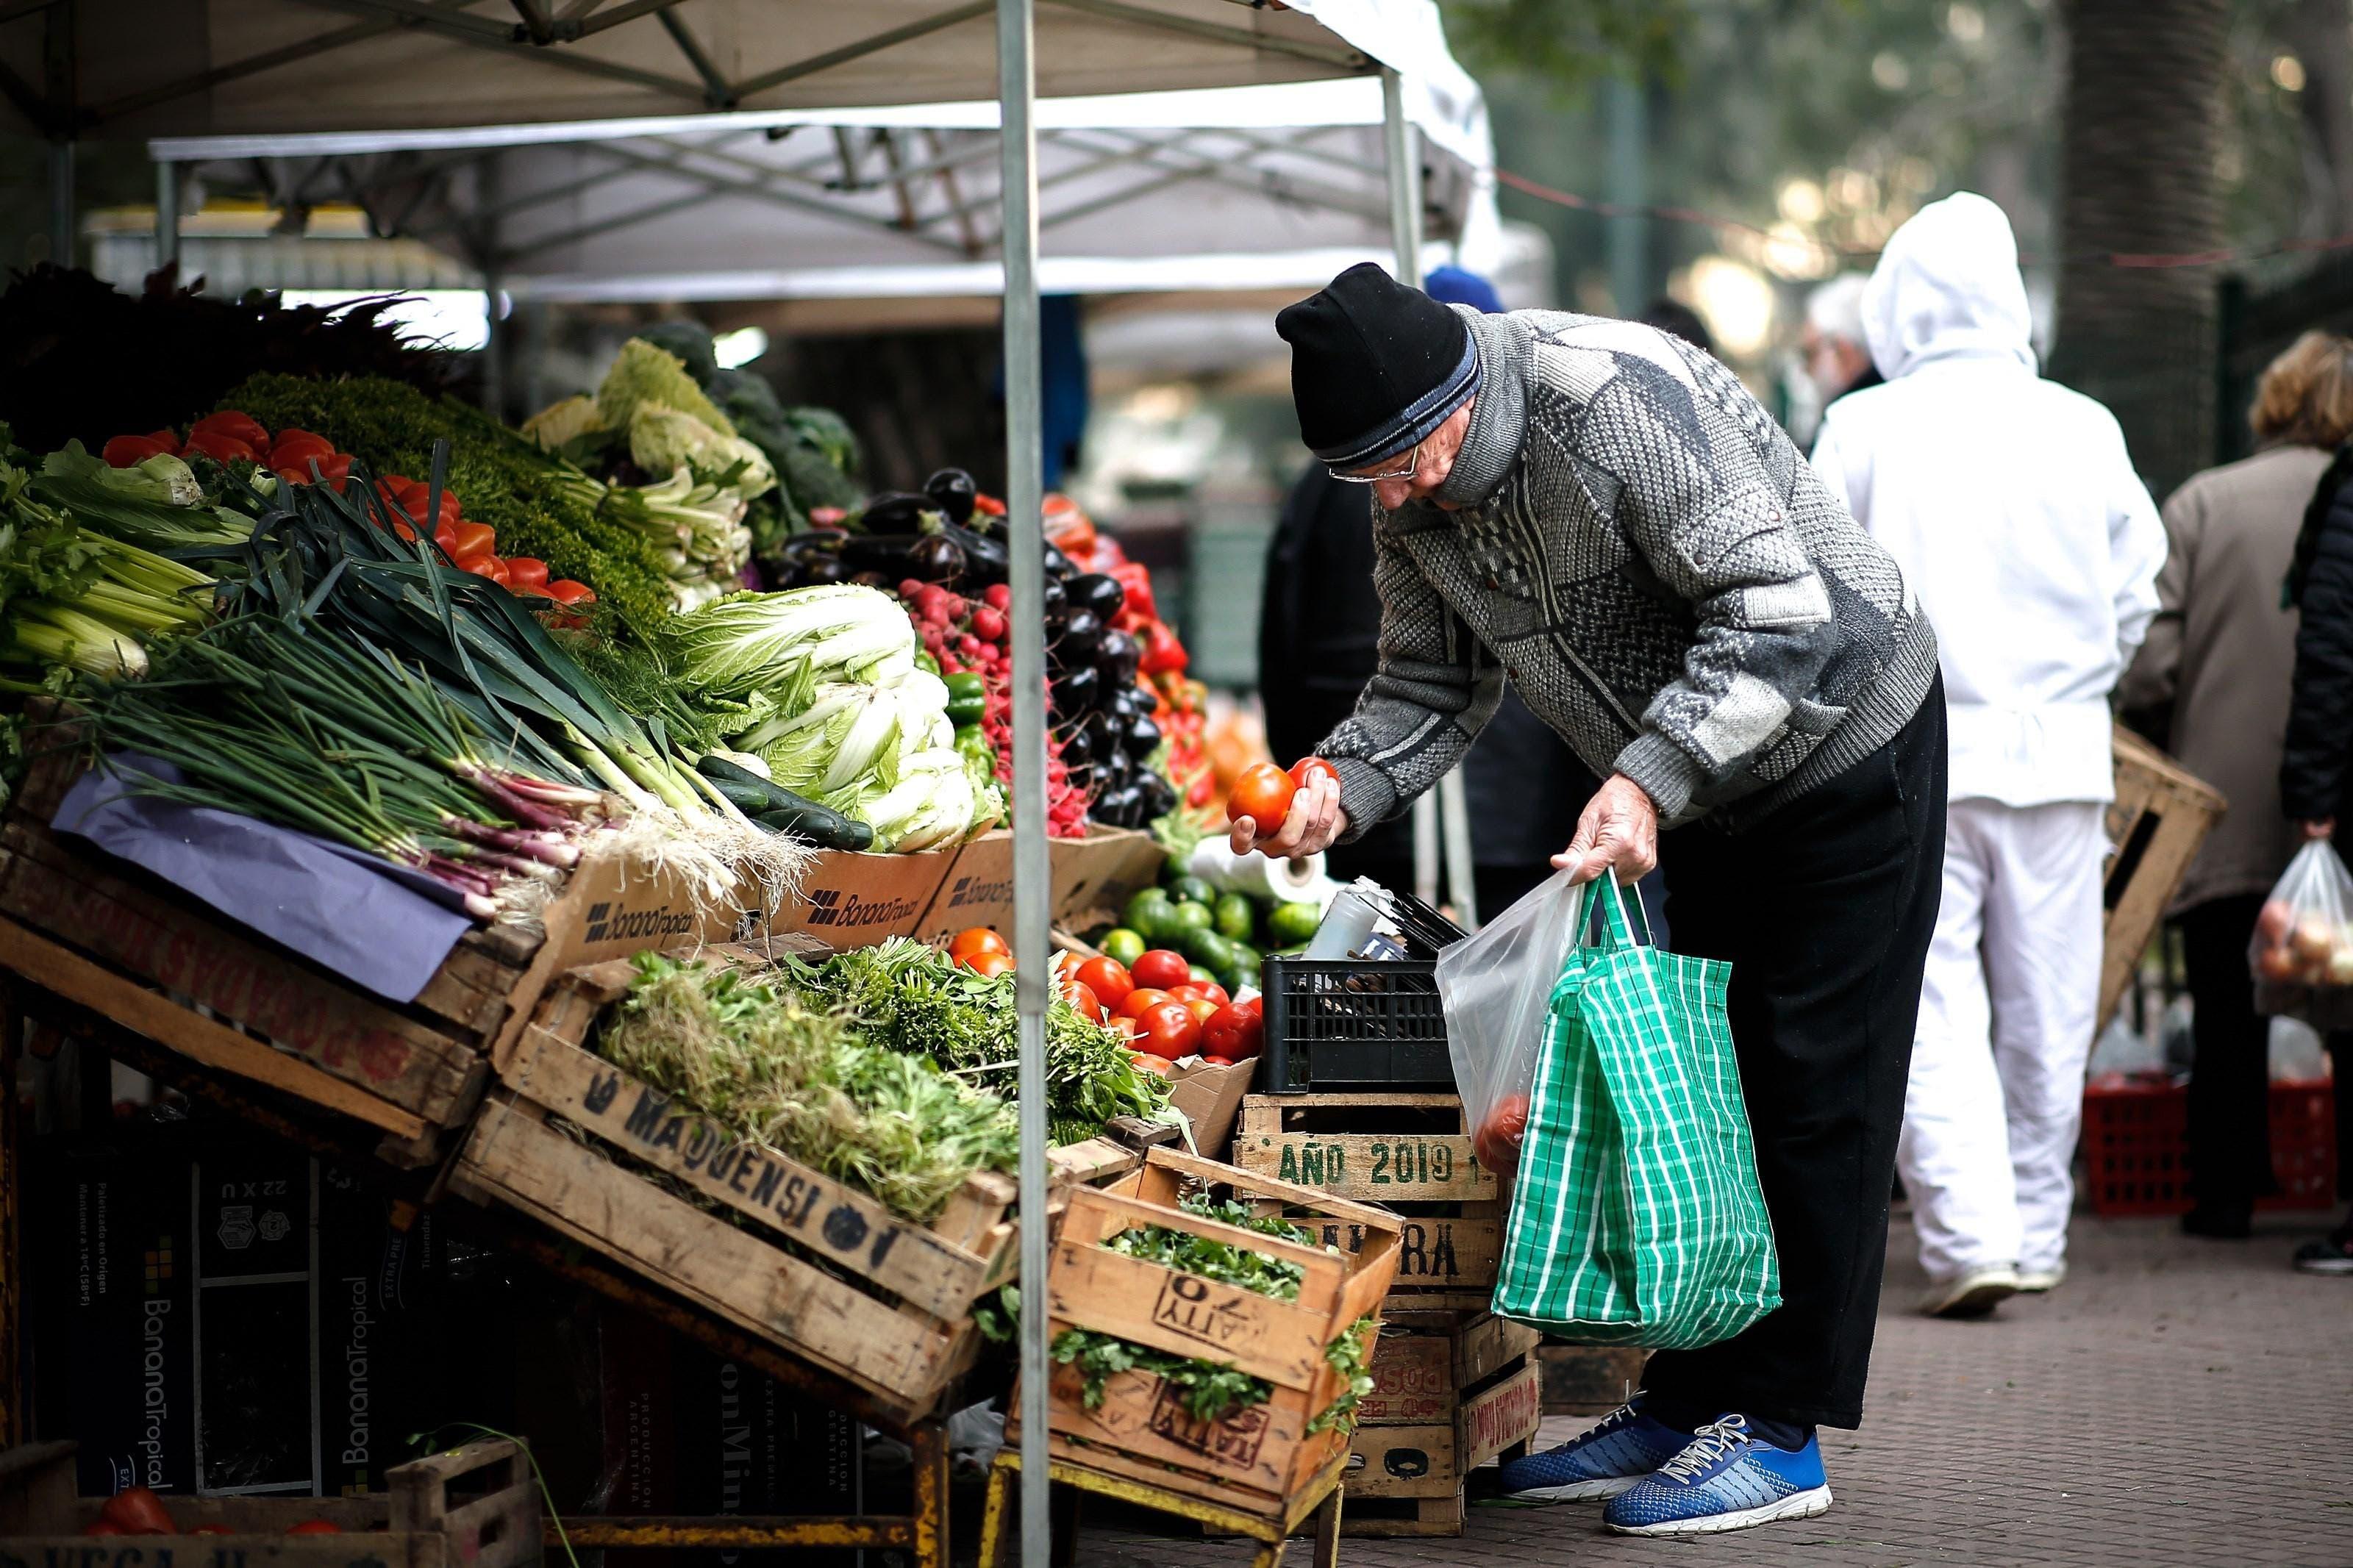 Comercios argentinos comienzan a subir sus precios tras devaluación del peso